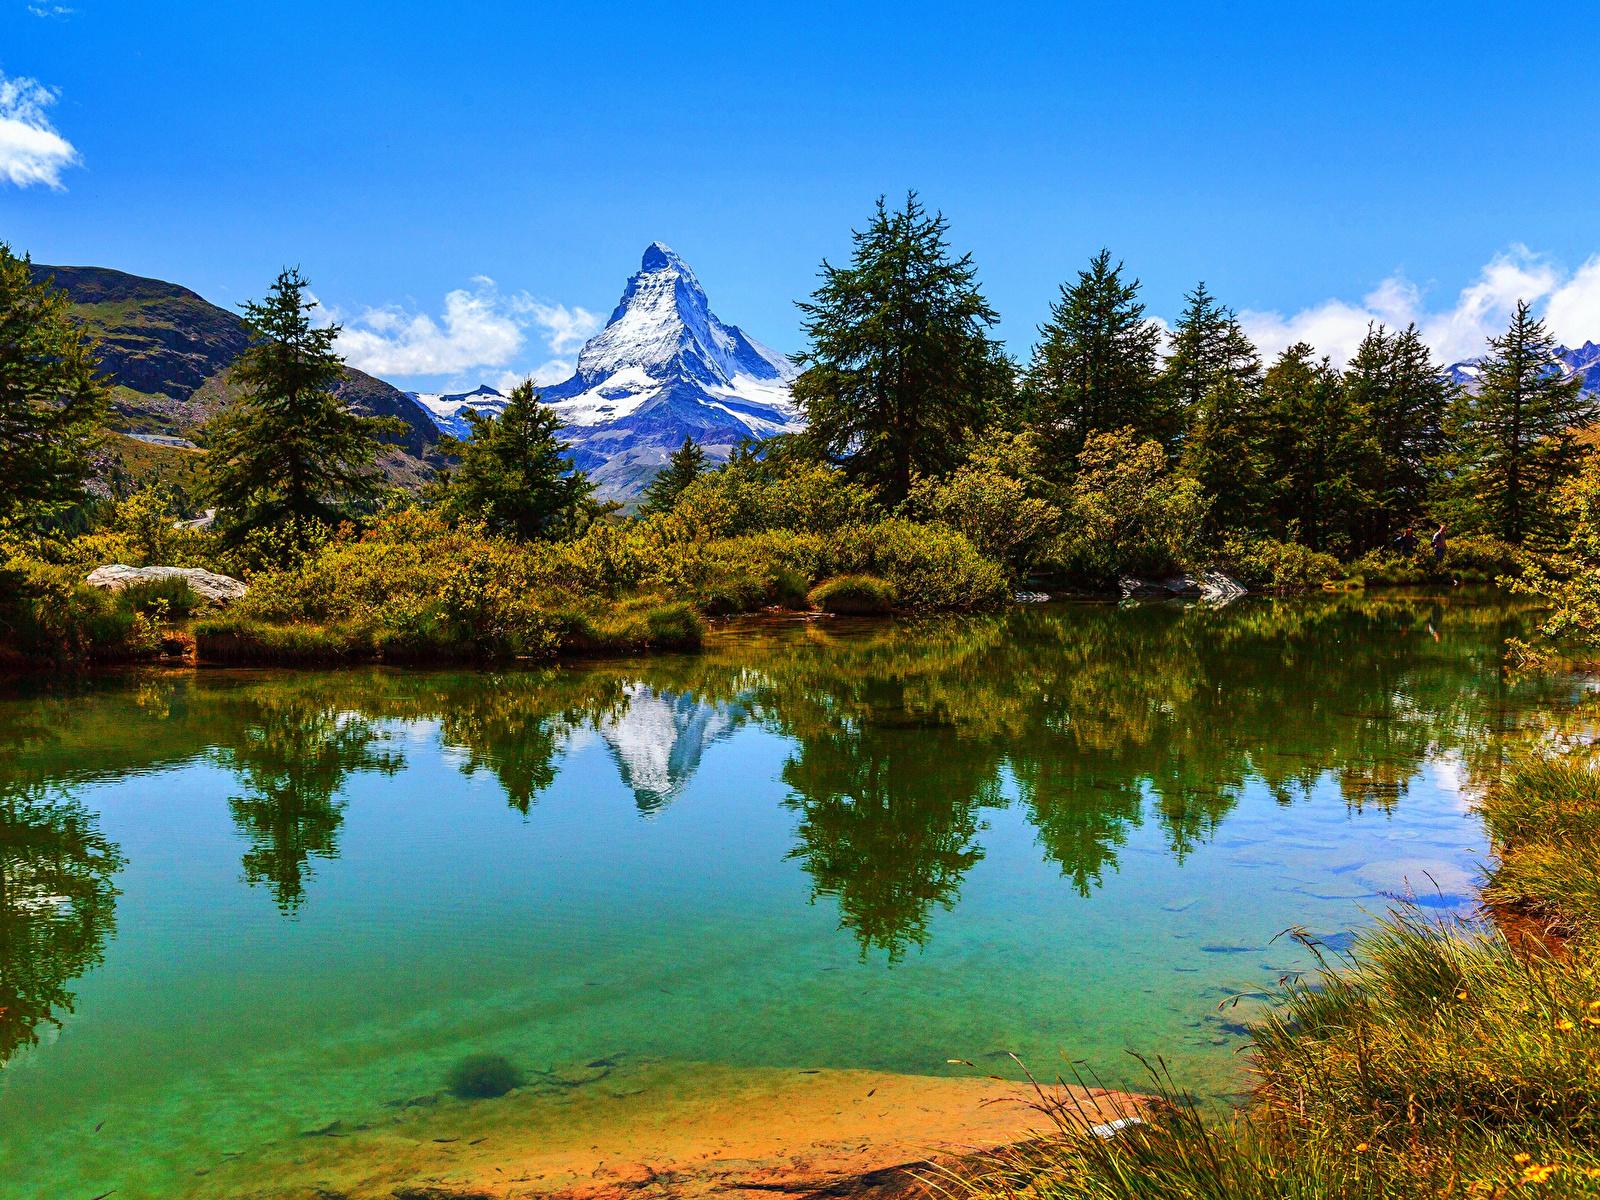 Обои альп Швейцария Zermatt Ель Горы Природа Озеро Кусты 1600x1200 Альпы ели кустов